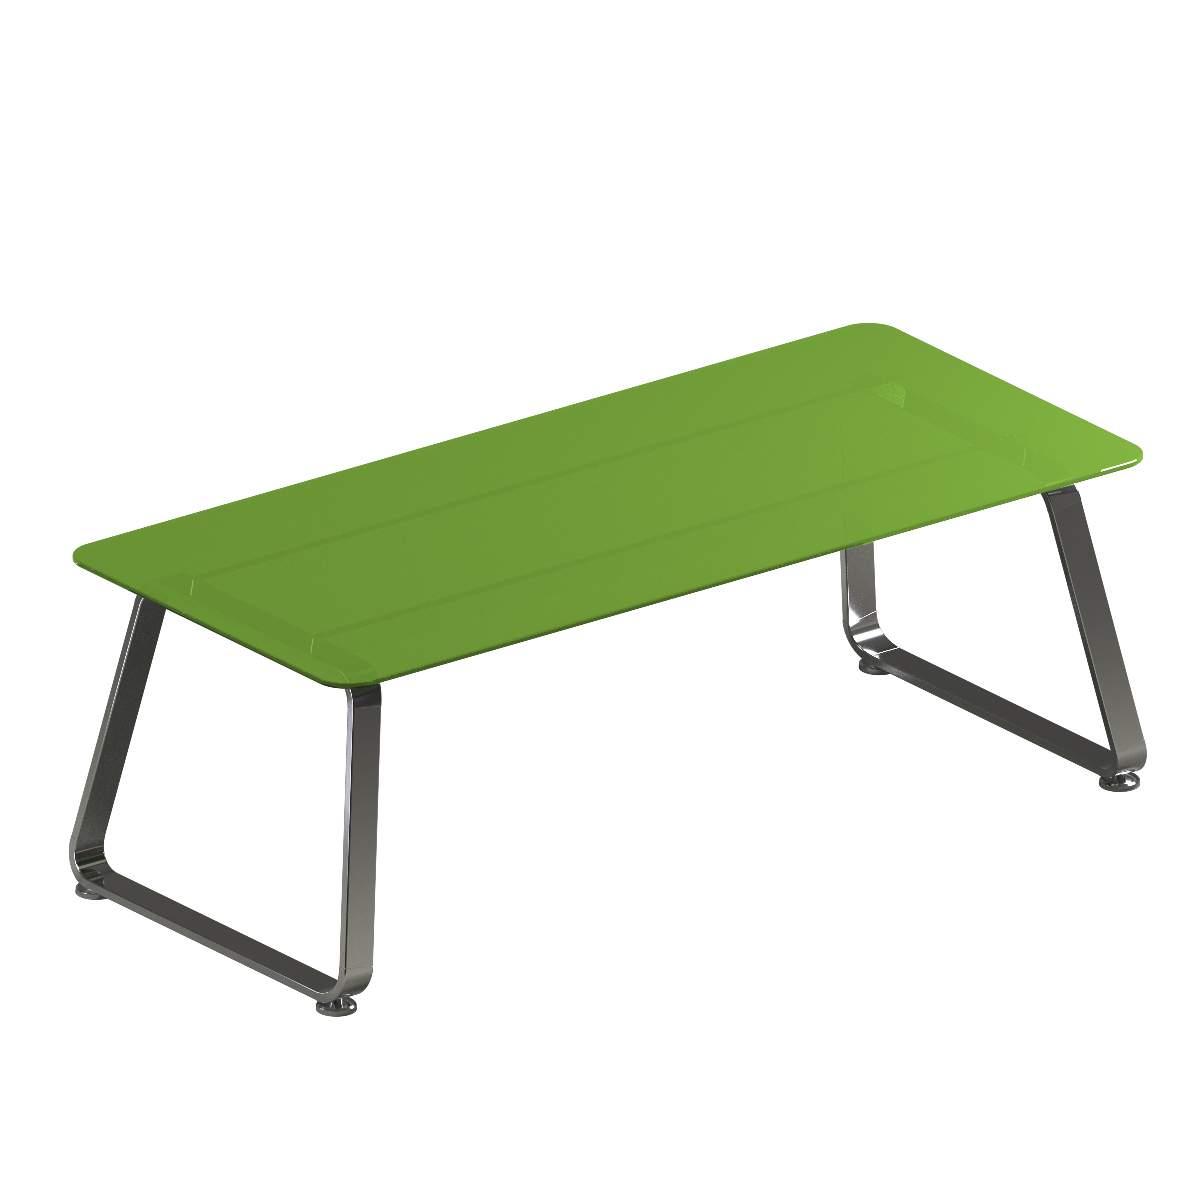 Прямоугольный стол (ст. столешница) 2160x900x720